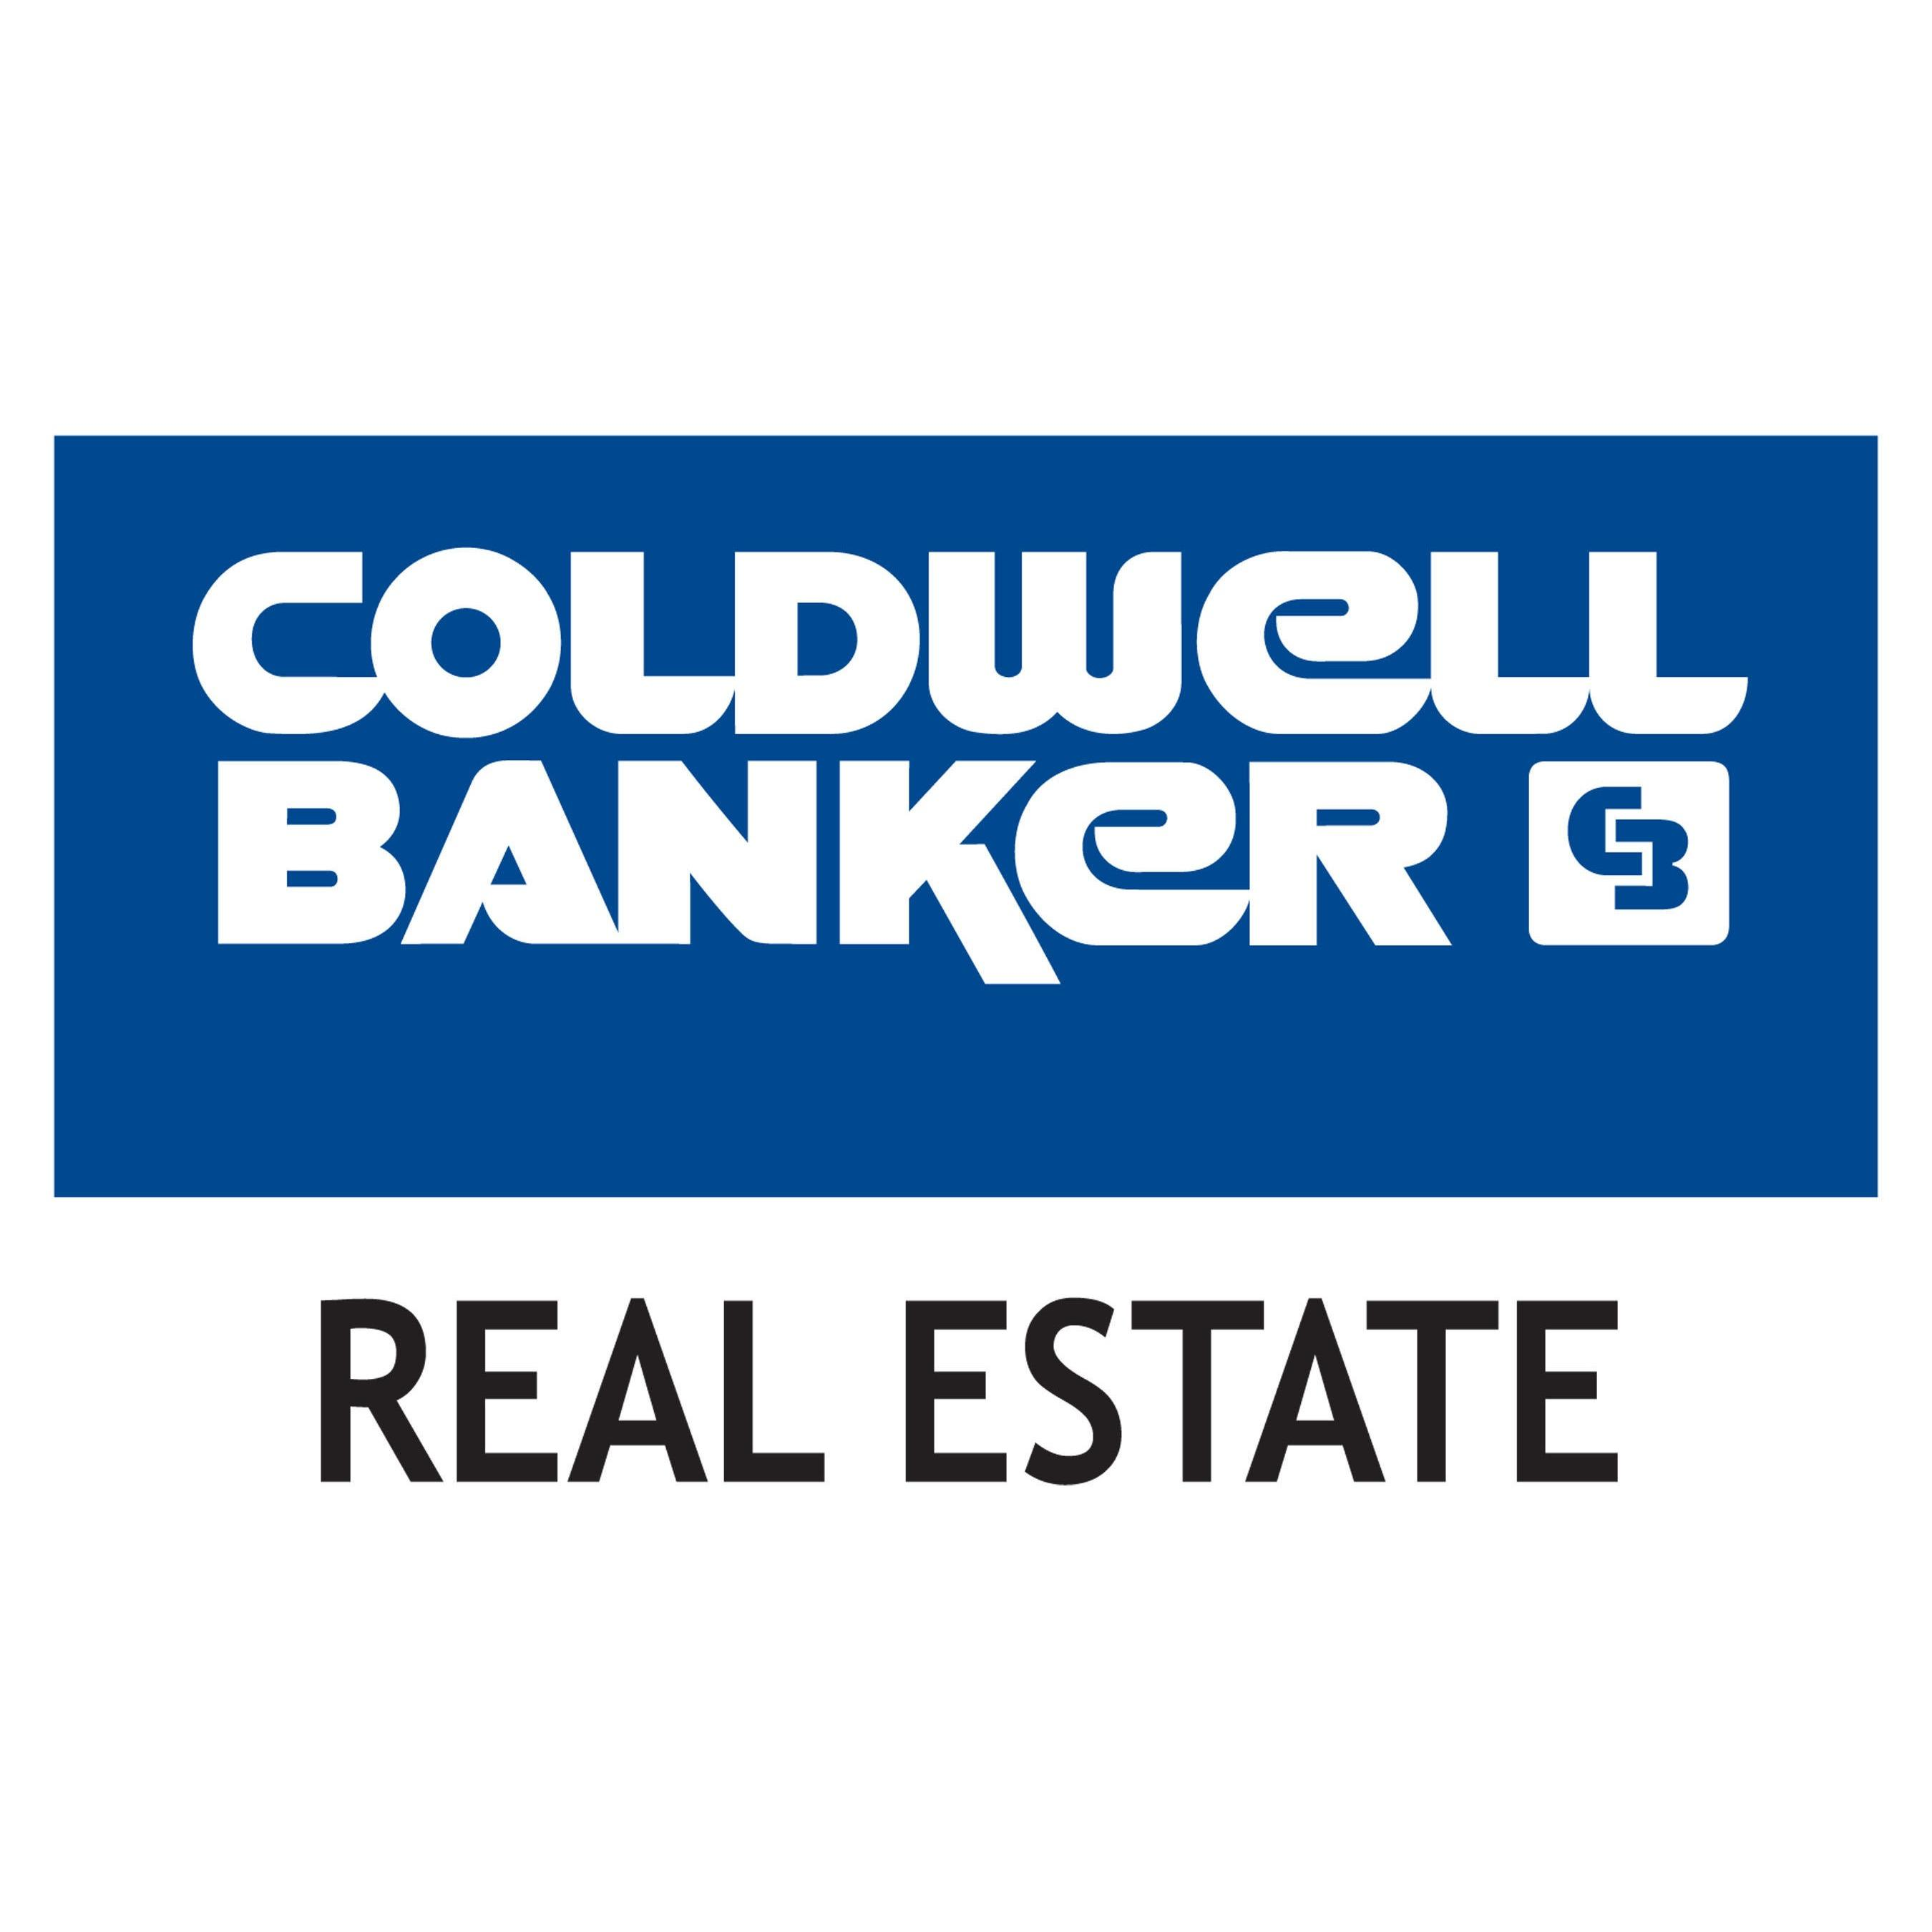 Ronald Burkhart | Coldwell Banker